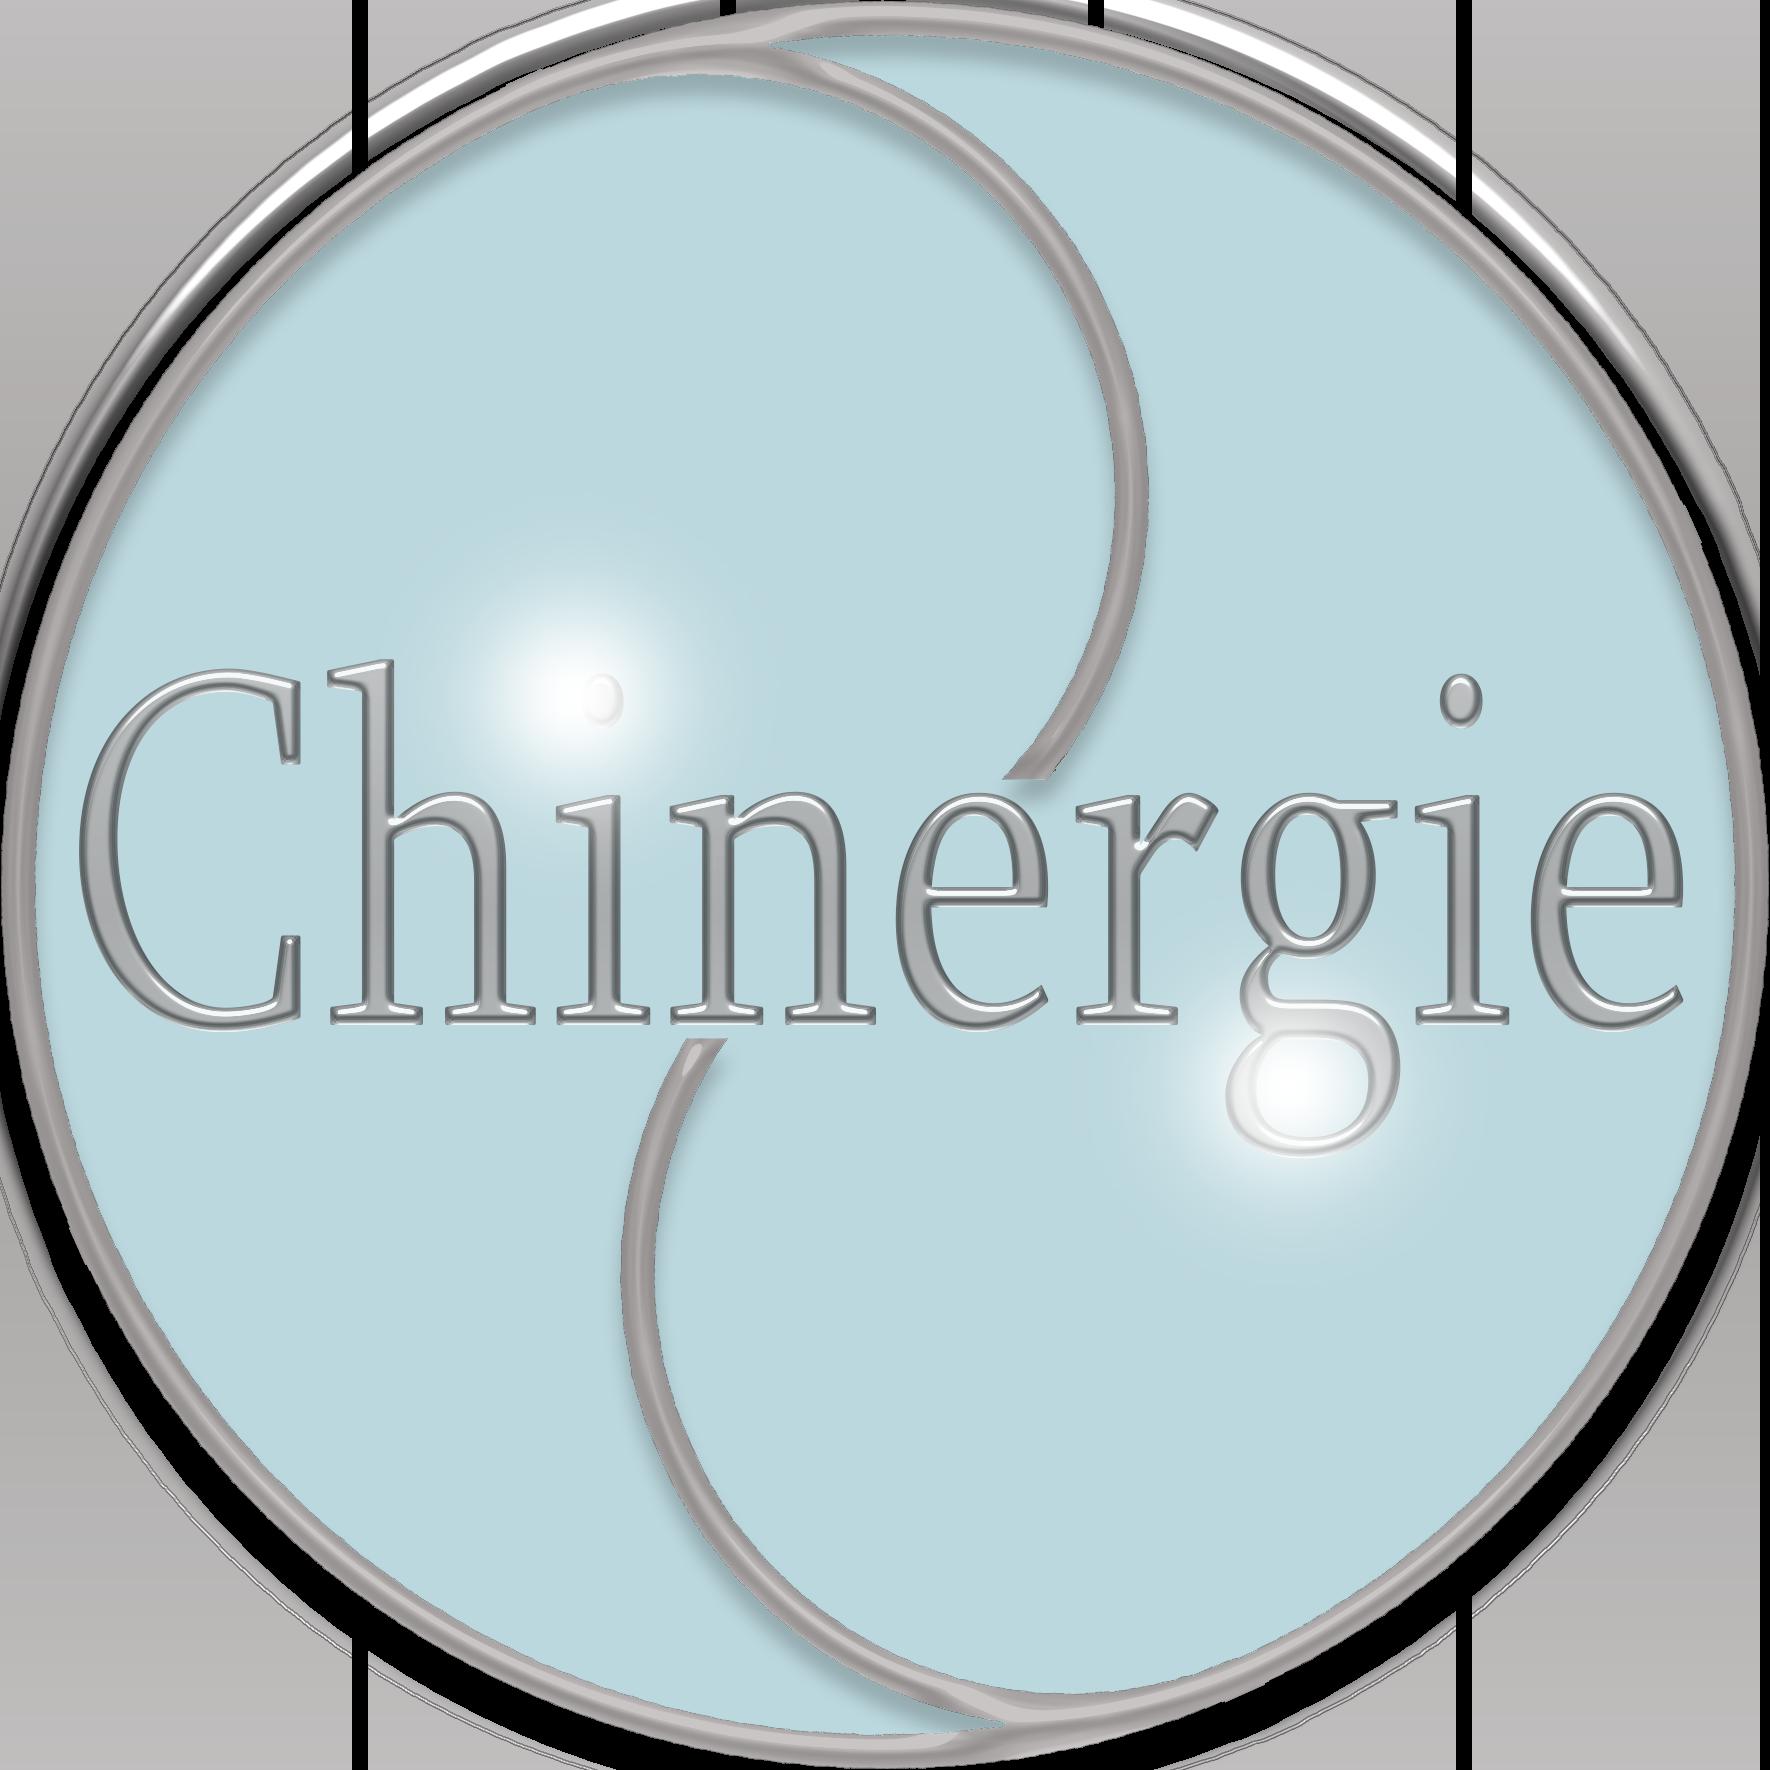 CHINERGIE